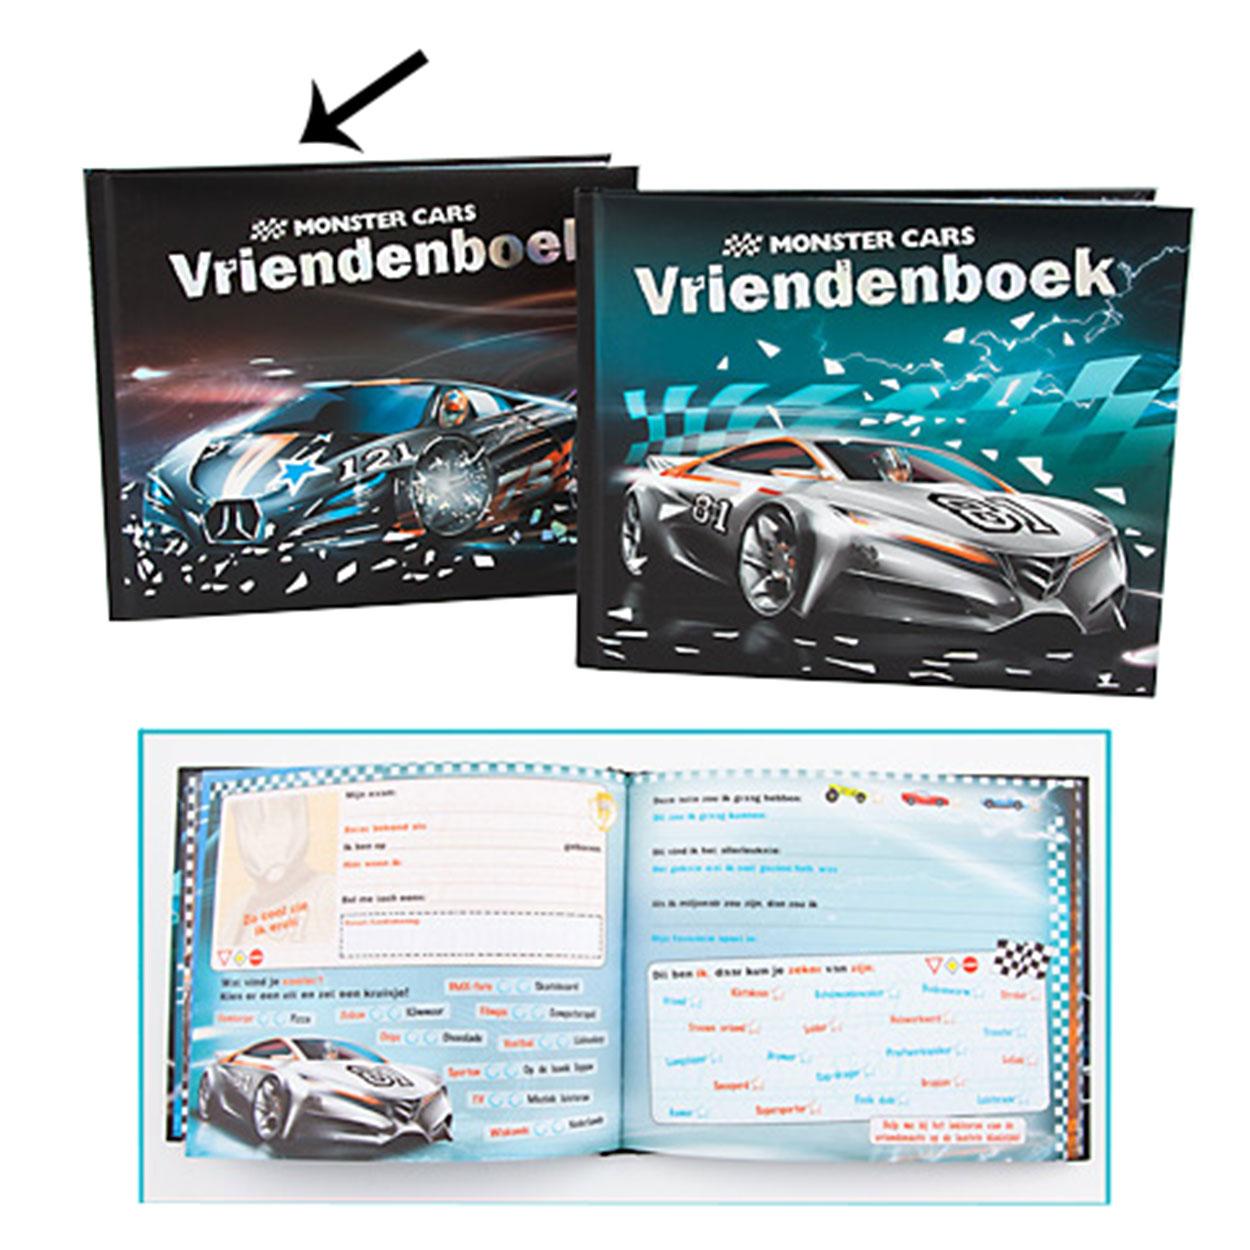 Monster Cars Vriendenboek Online Kopen Lobbes Nl